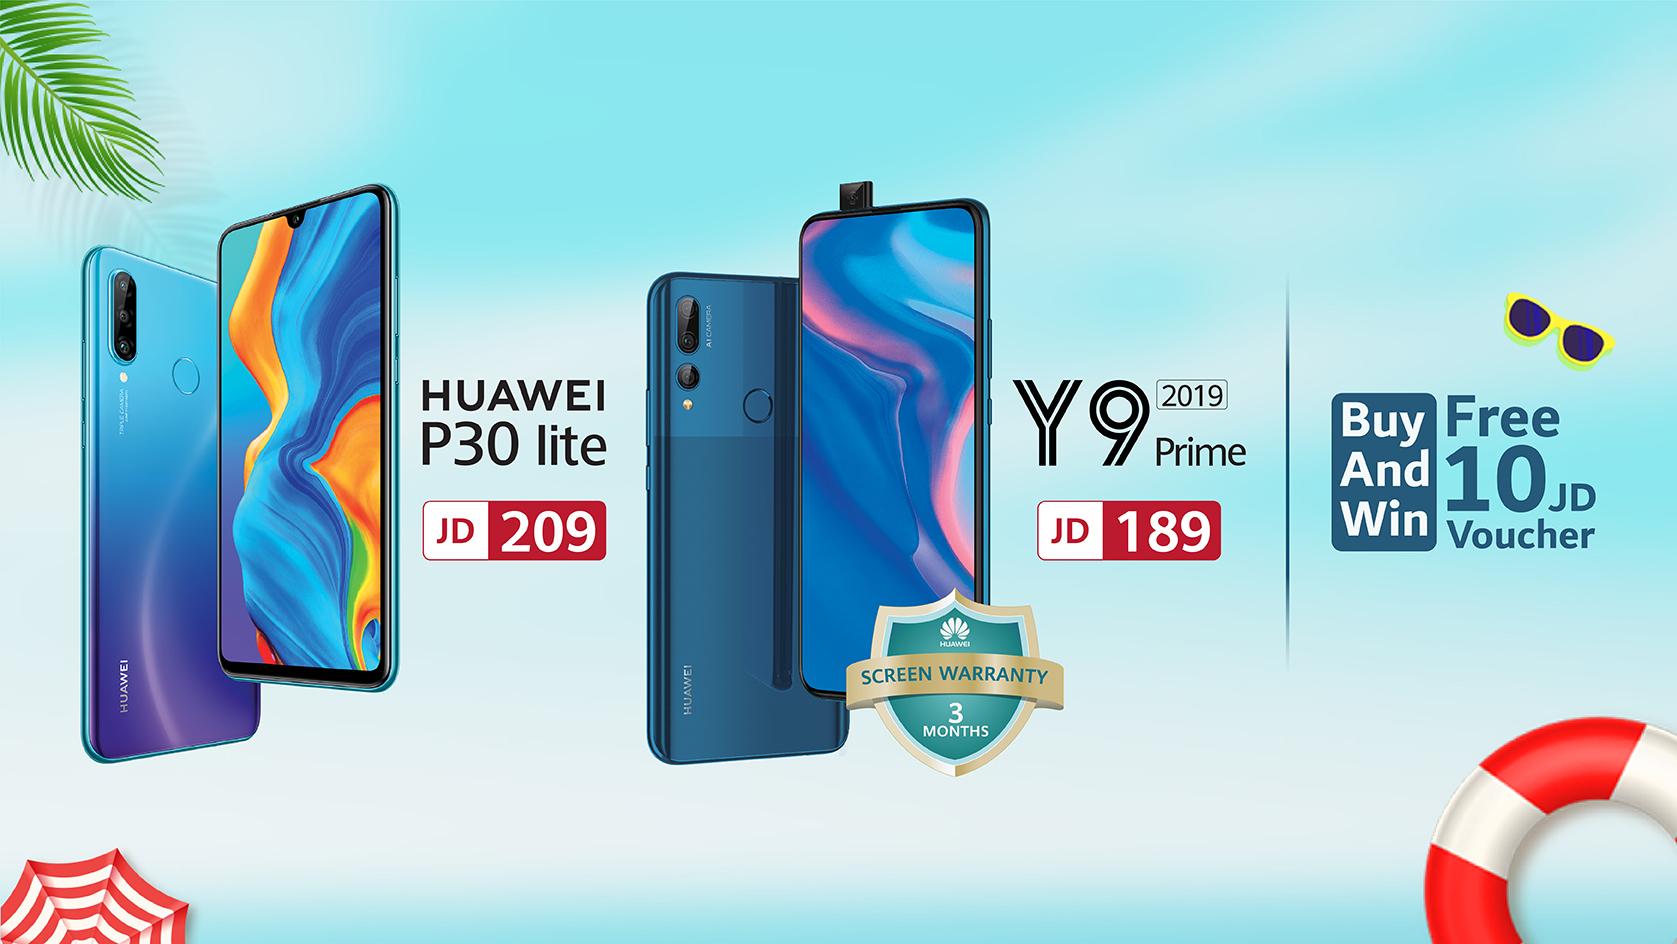 عروض الصيف لا تنتهي مع Huawei P30 Lite وY9 Prime 2019